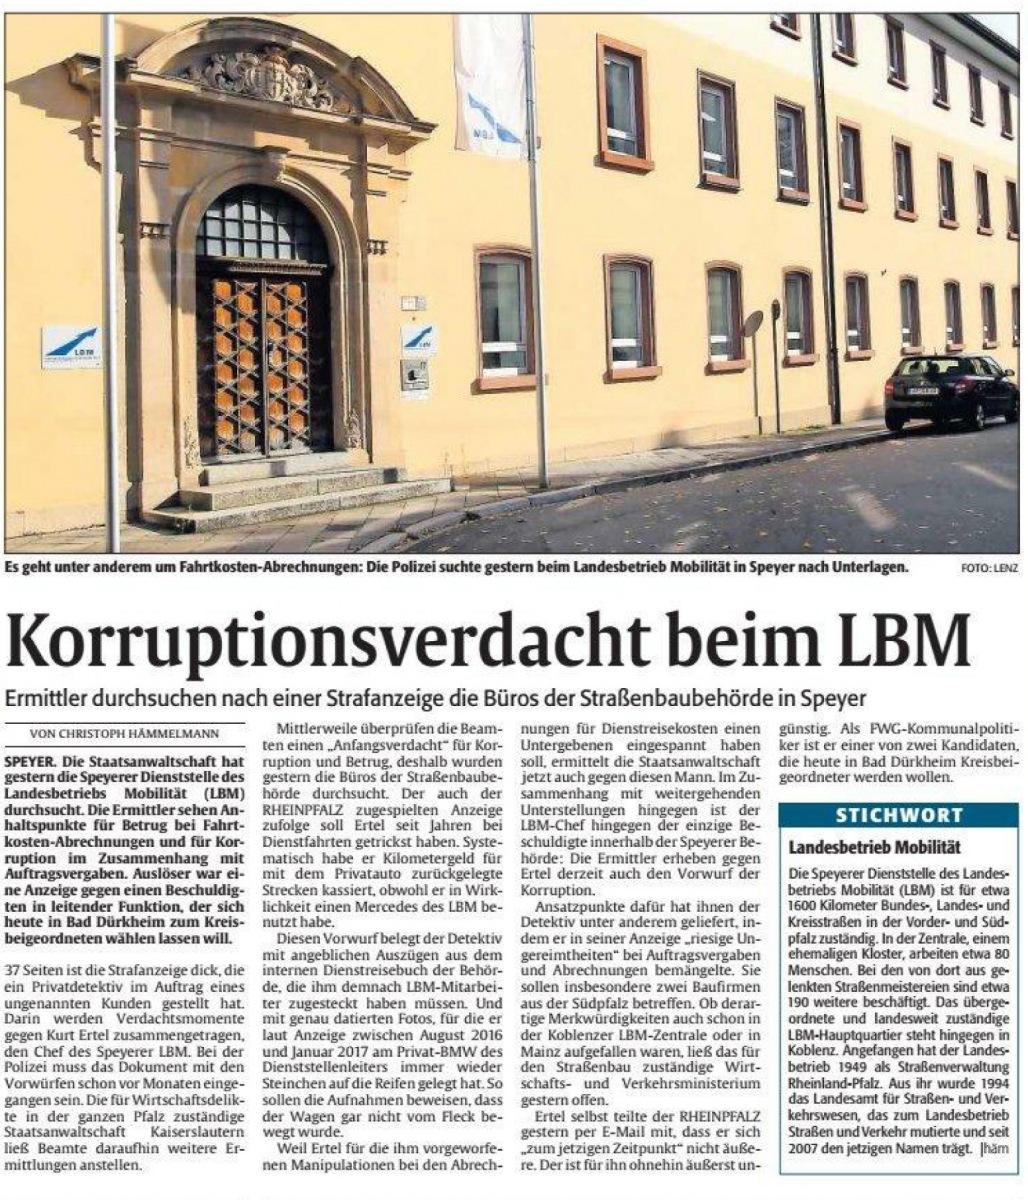 Korruption, Bestechung, Bestechlichkeit